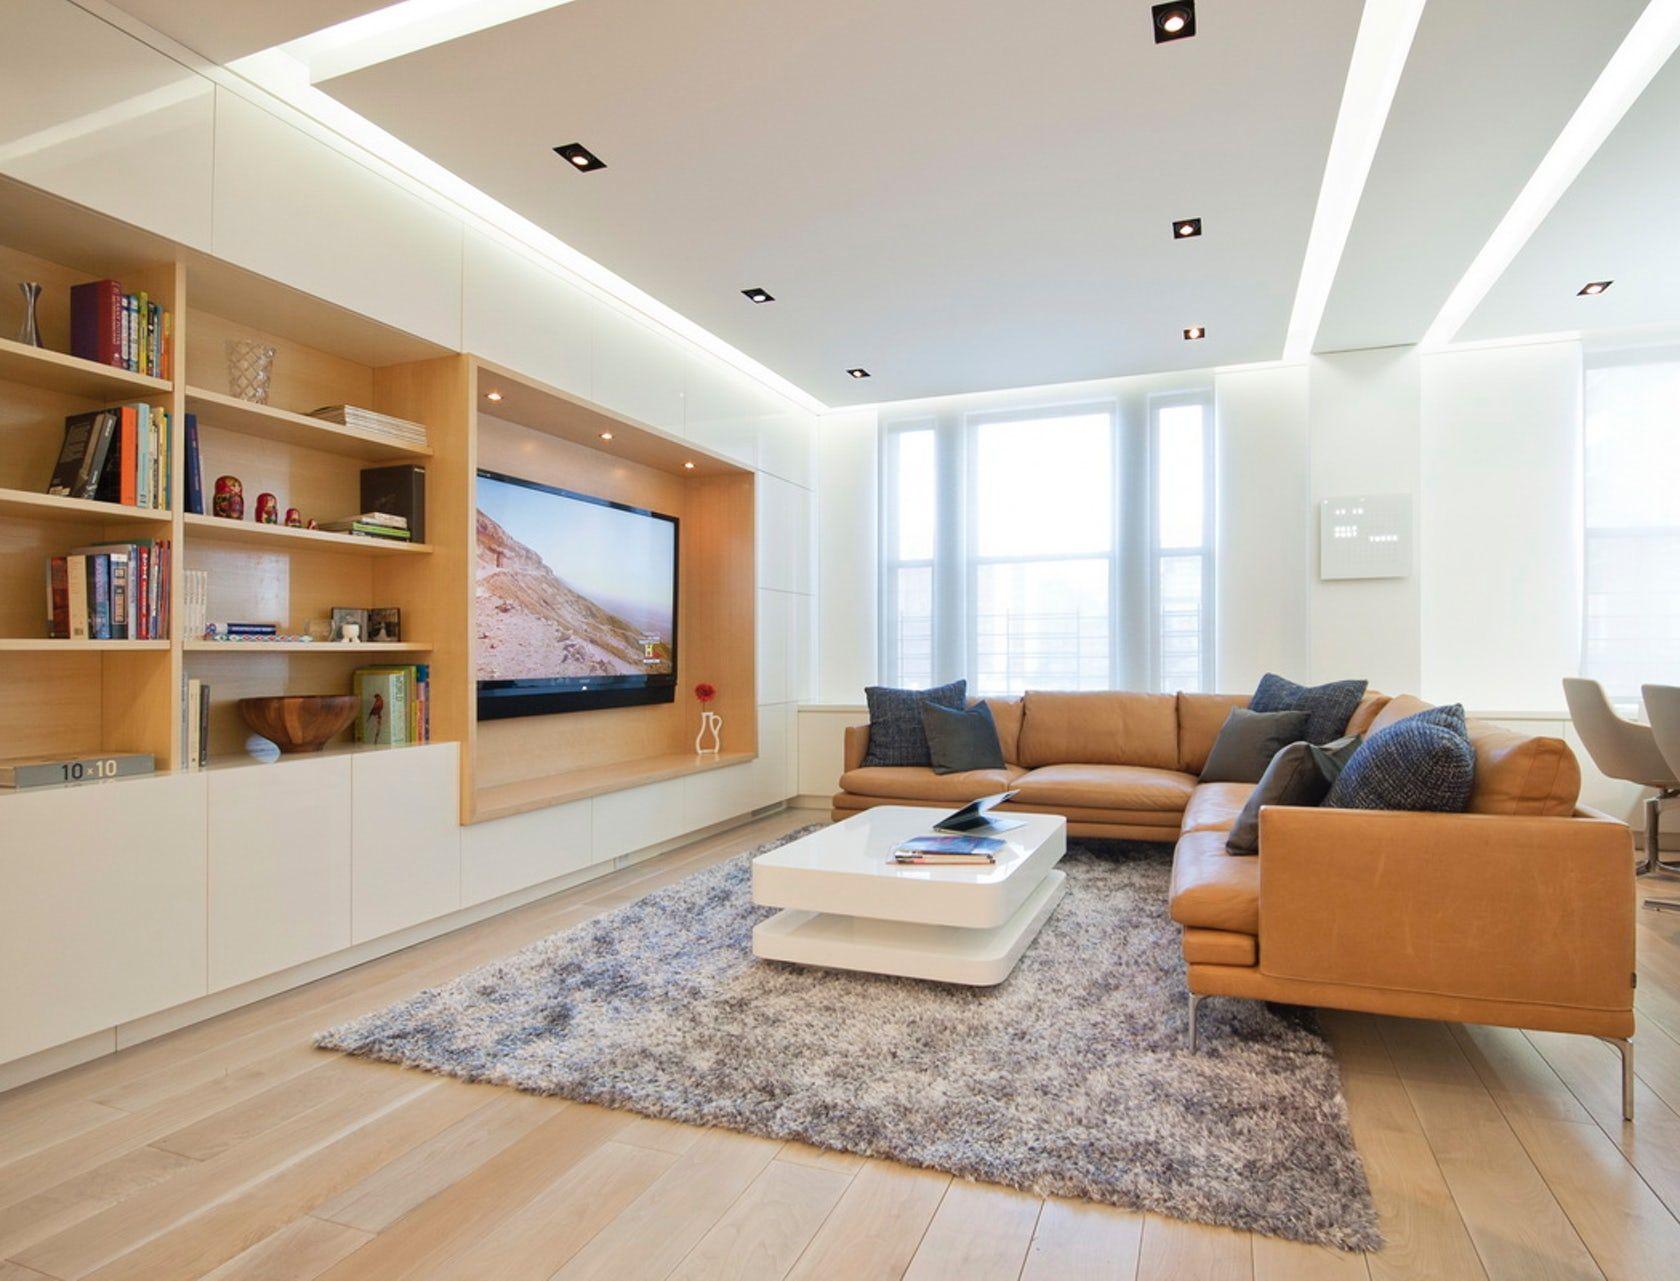 Soggiorni moderni u idee e stile per il soggiorno ideale